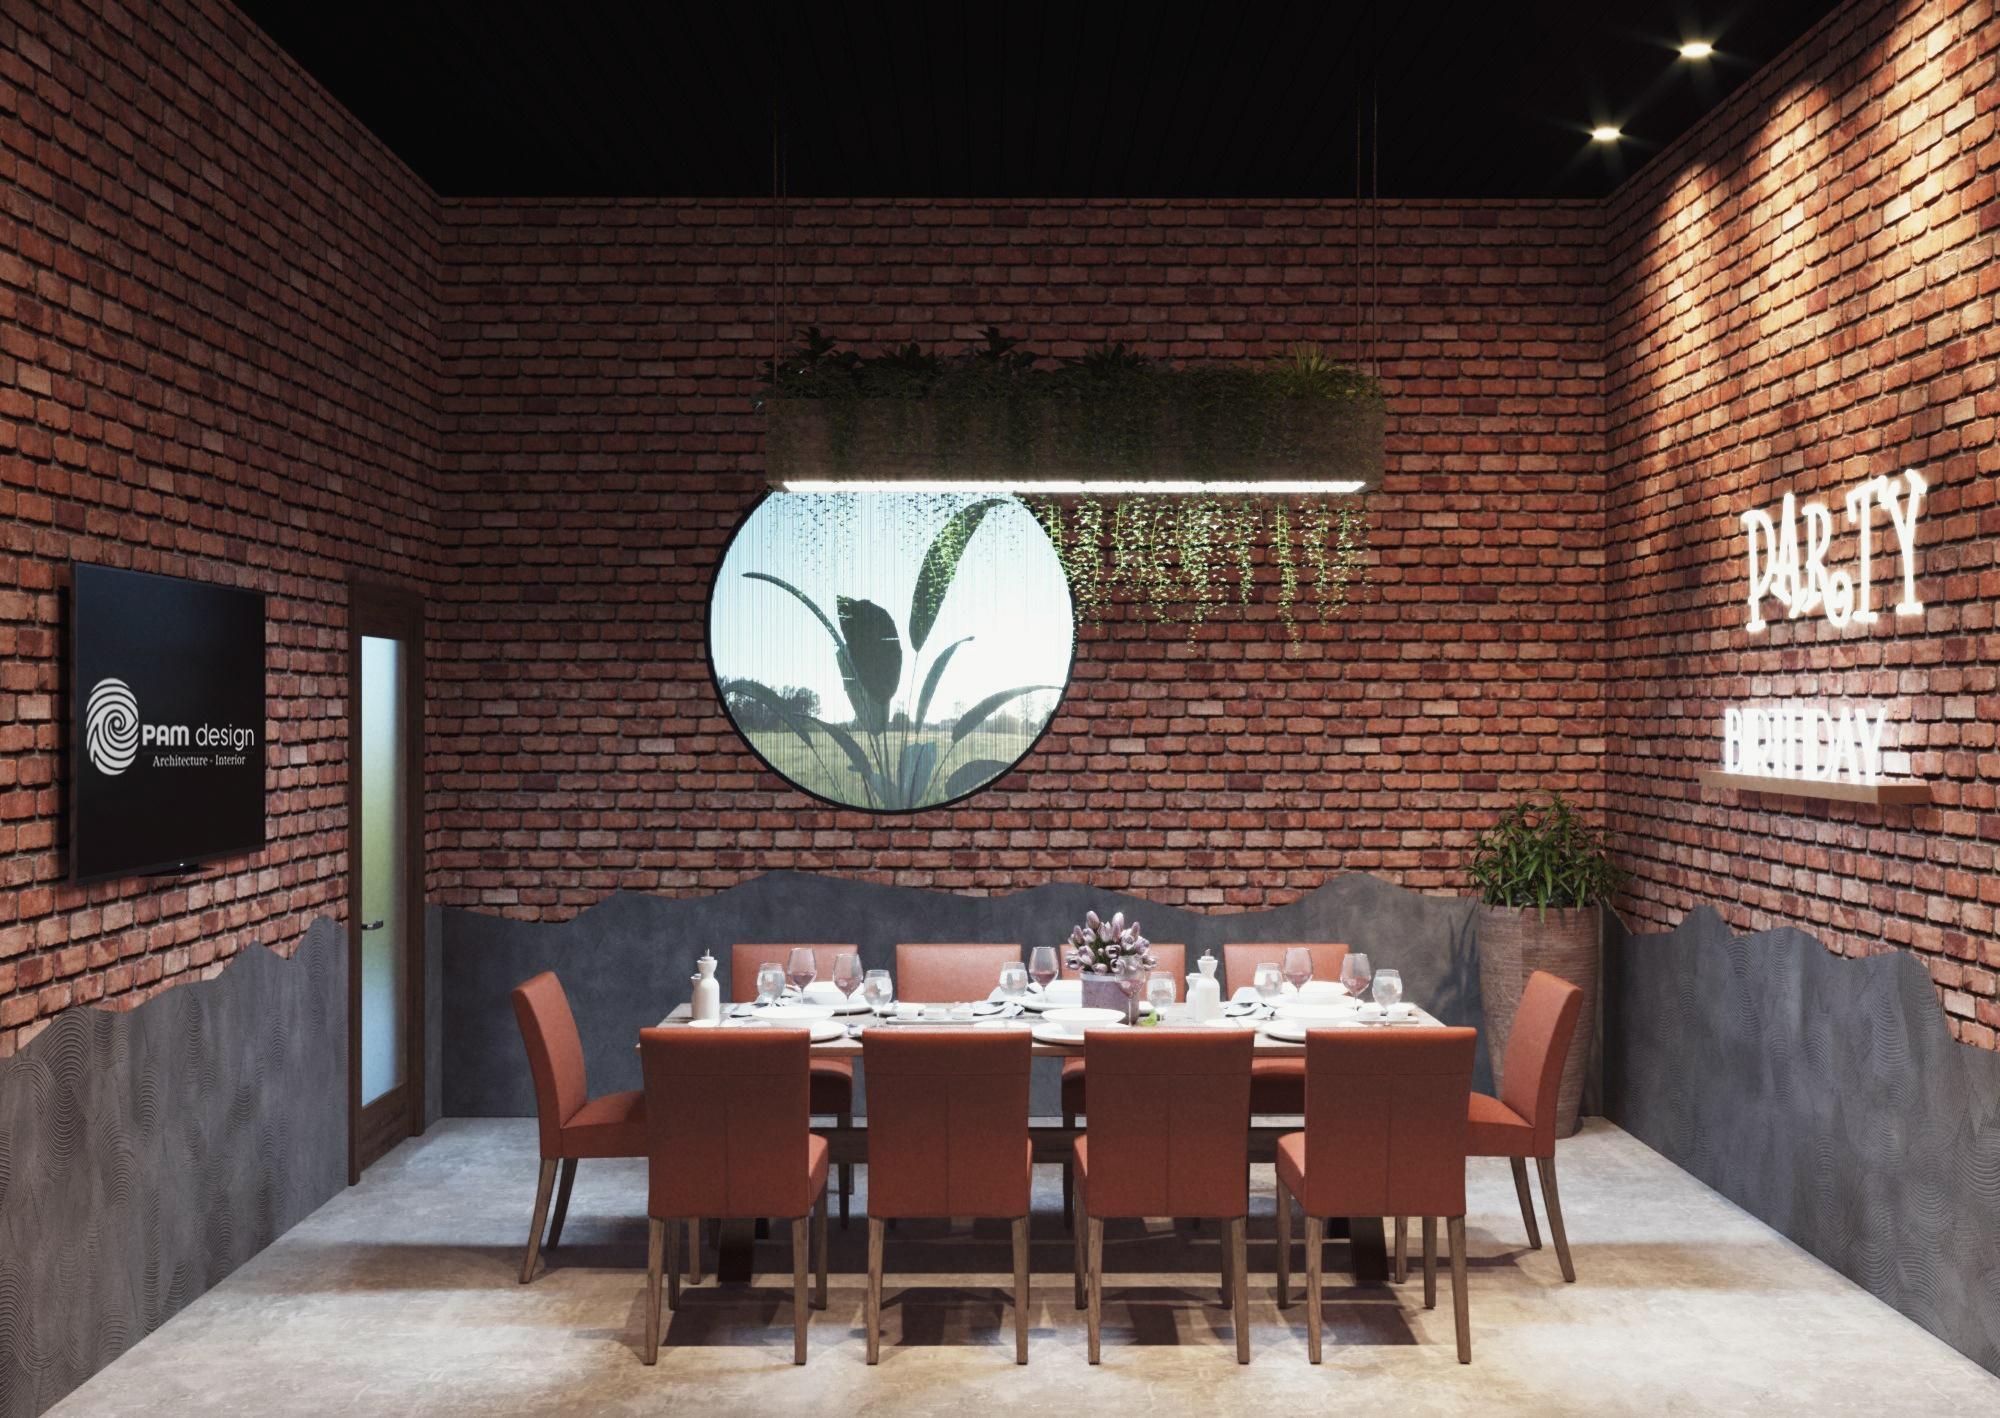 thiết kế nội thất Cafe tại Đà Nẵng Quán nhậu MẼO 5 1568195497